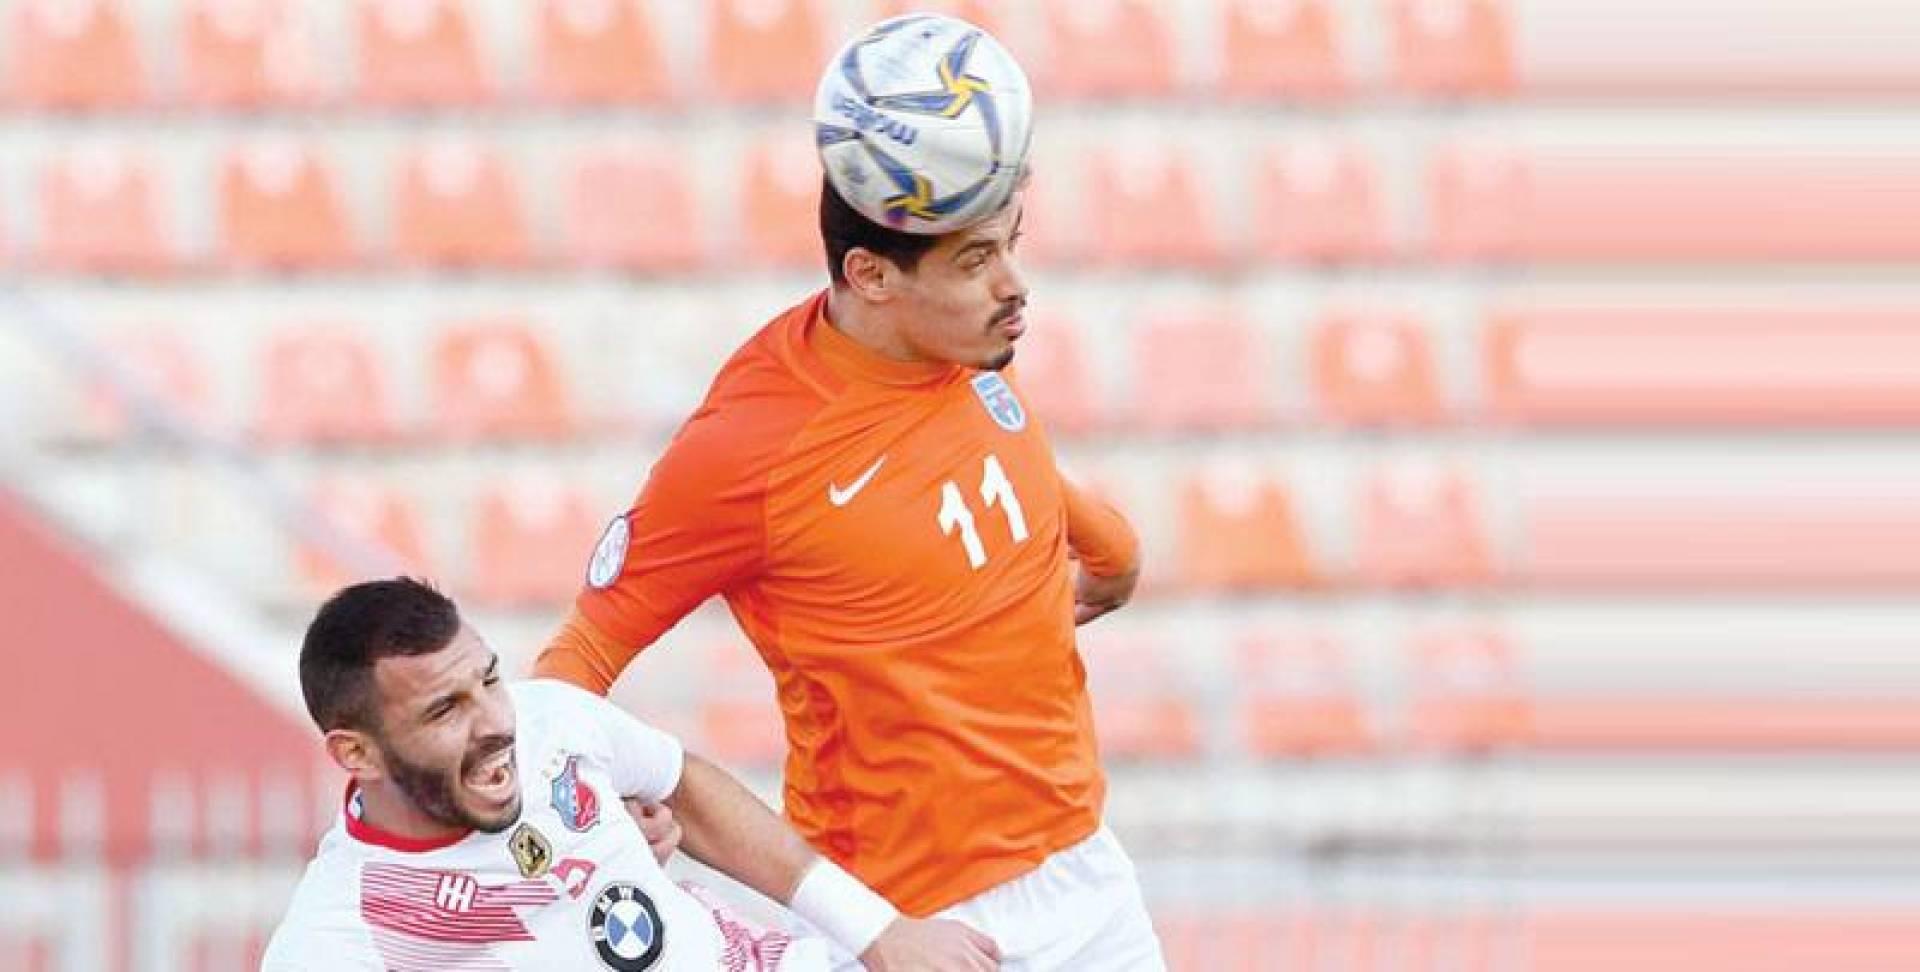 صراع على الكرة بين عبد الله الظفيري وفهد الهاجري   تصوير بسام زيدان